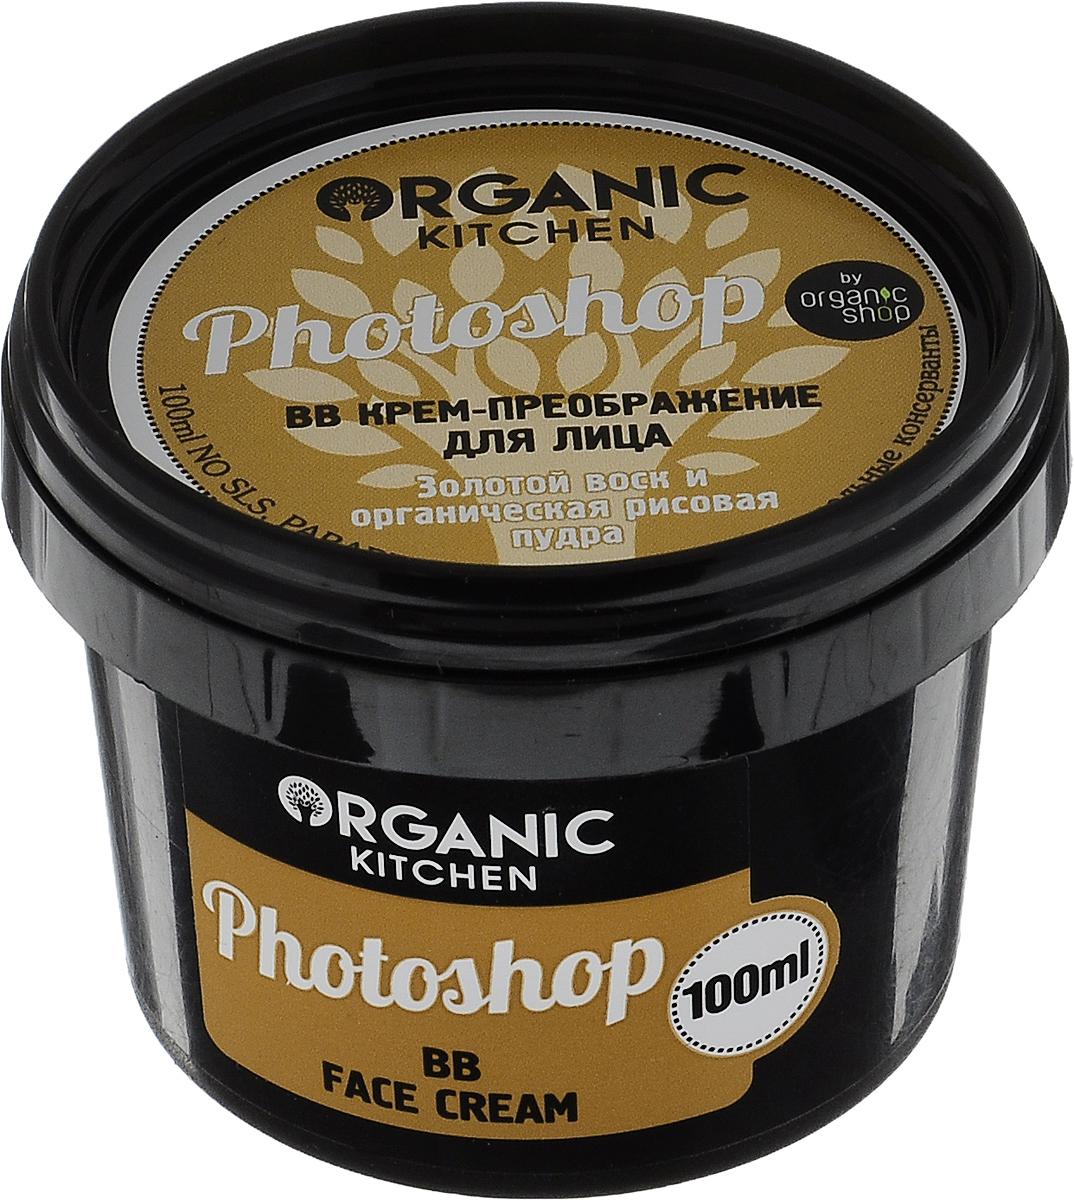 Organic shop КITCHEN Крем ВВ преображение для лица Фотошоп, 100 мл органик шоп китчен крем ночной восстанавливающий для лица баю бай 100 мл